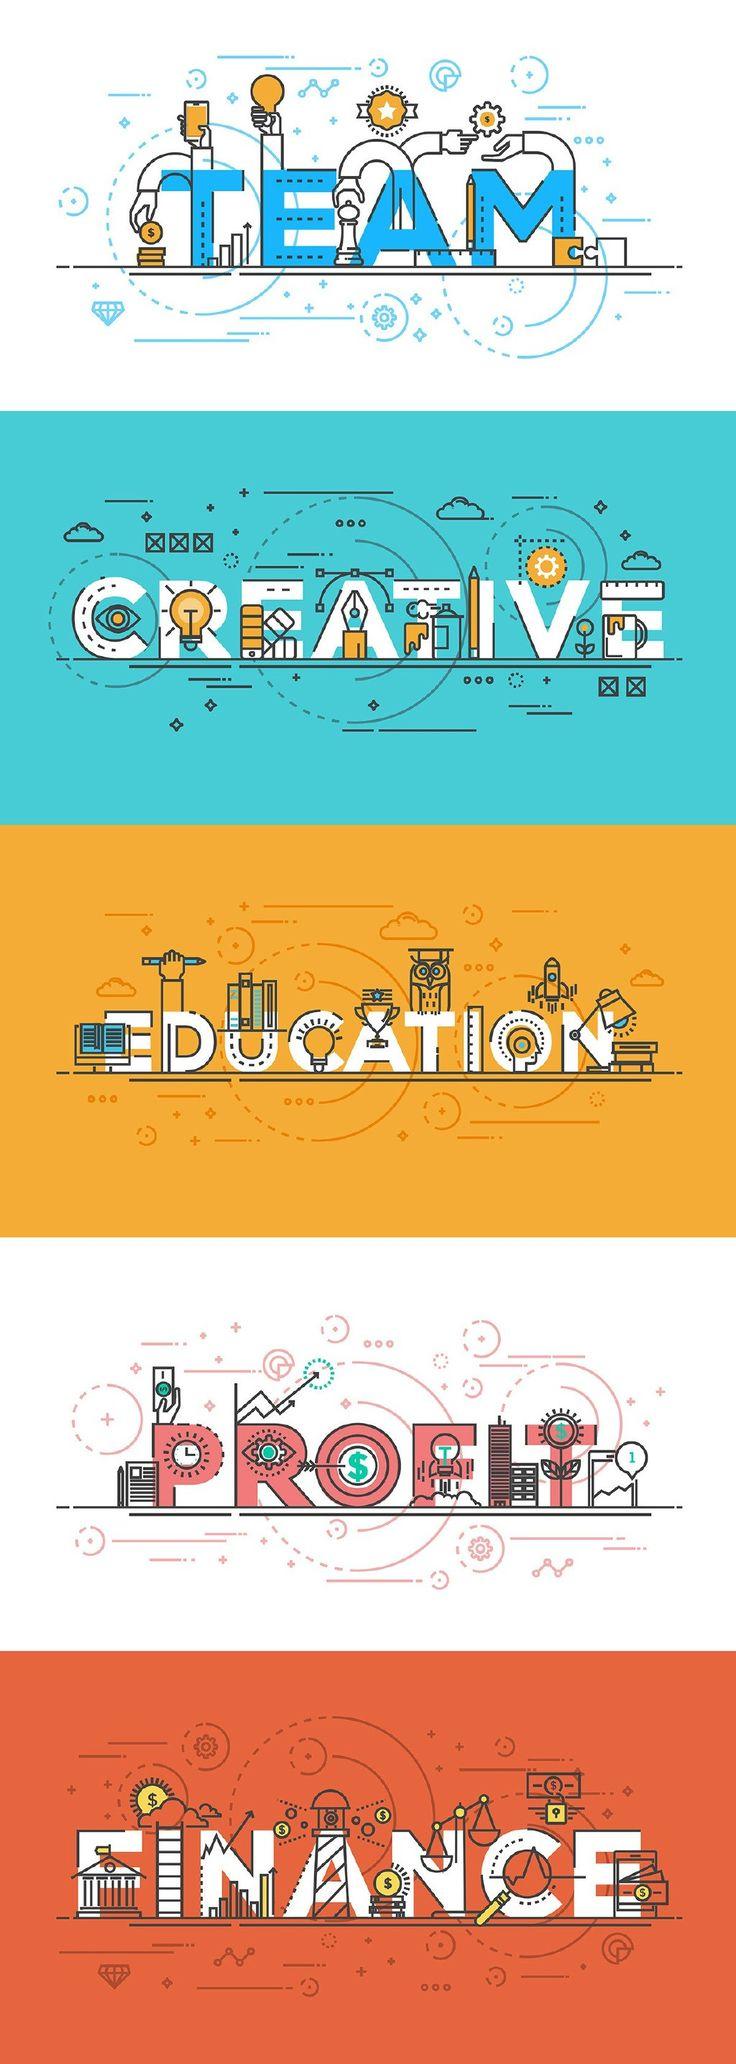 【每日灵感!200个超酷扁平插画 Banner】不知道如何利用图形去构建一些想法,或者想制作不一样的 Banner,这200个 Banner 或许可以帮到你,点击大图可以看清设计师是如何利用图形的组合来传达信息的,简直不能再赞了。[Daily inspiration! 200 Cool Flat Banner illustration] OF PureSolution design, Darko Vujic http://m.weibo.cn/1773655610/DxPkgpHaE